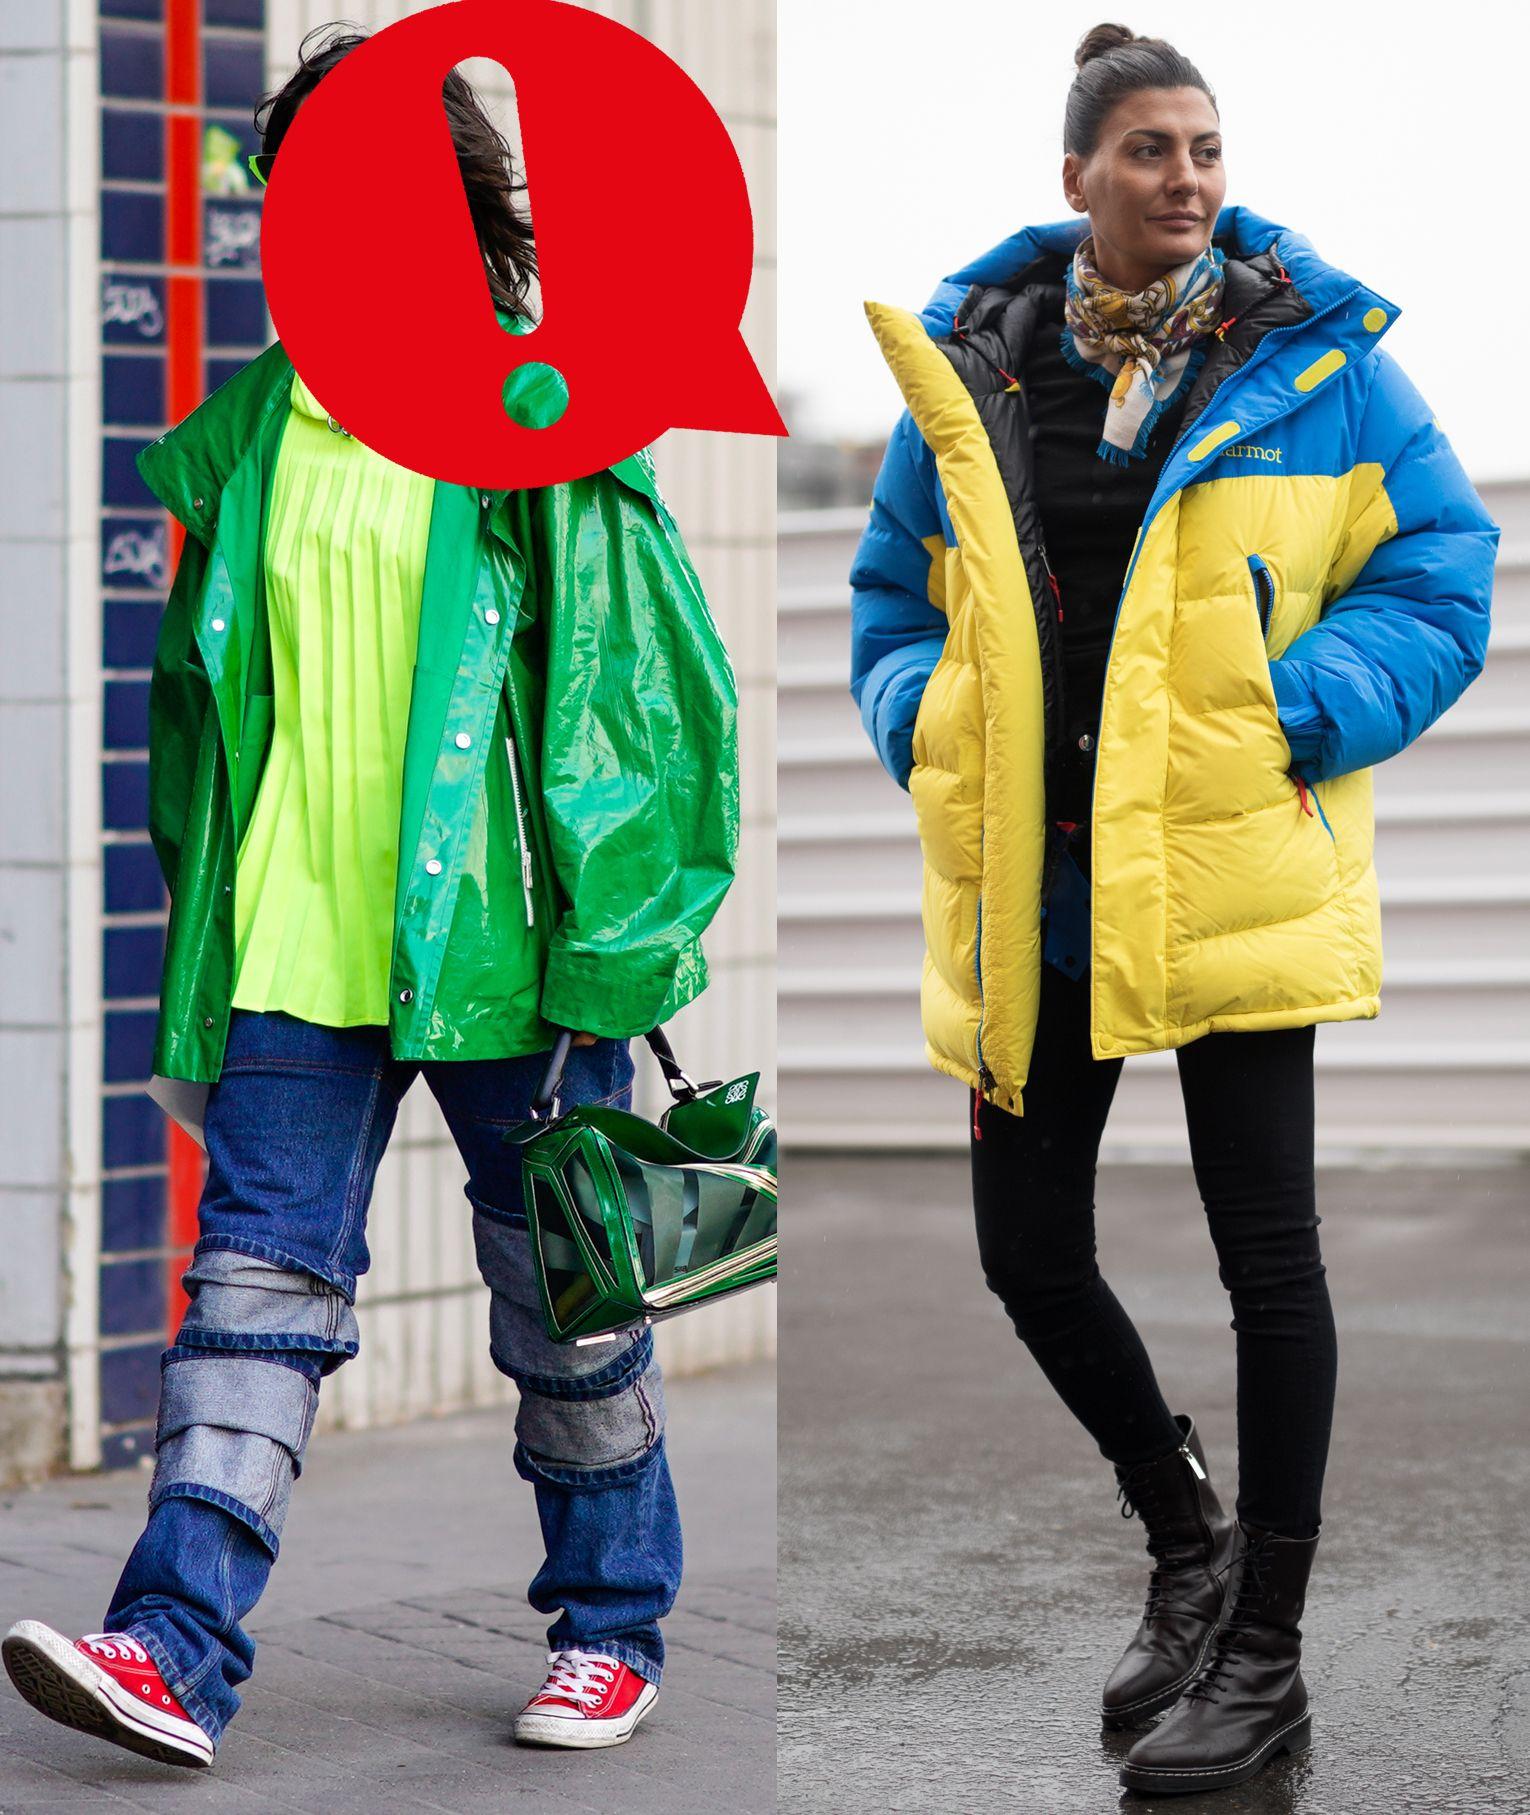 Arriva l'inverno 2019, i primi veri freddi e i weekend sulla neve e la giacca a vento diventa obbligatoria: oversize, caldissima ad alto rischio Fashion Disaster: gli errori da non fare e gli abbinamenti da medaglia.